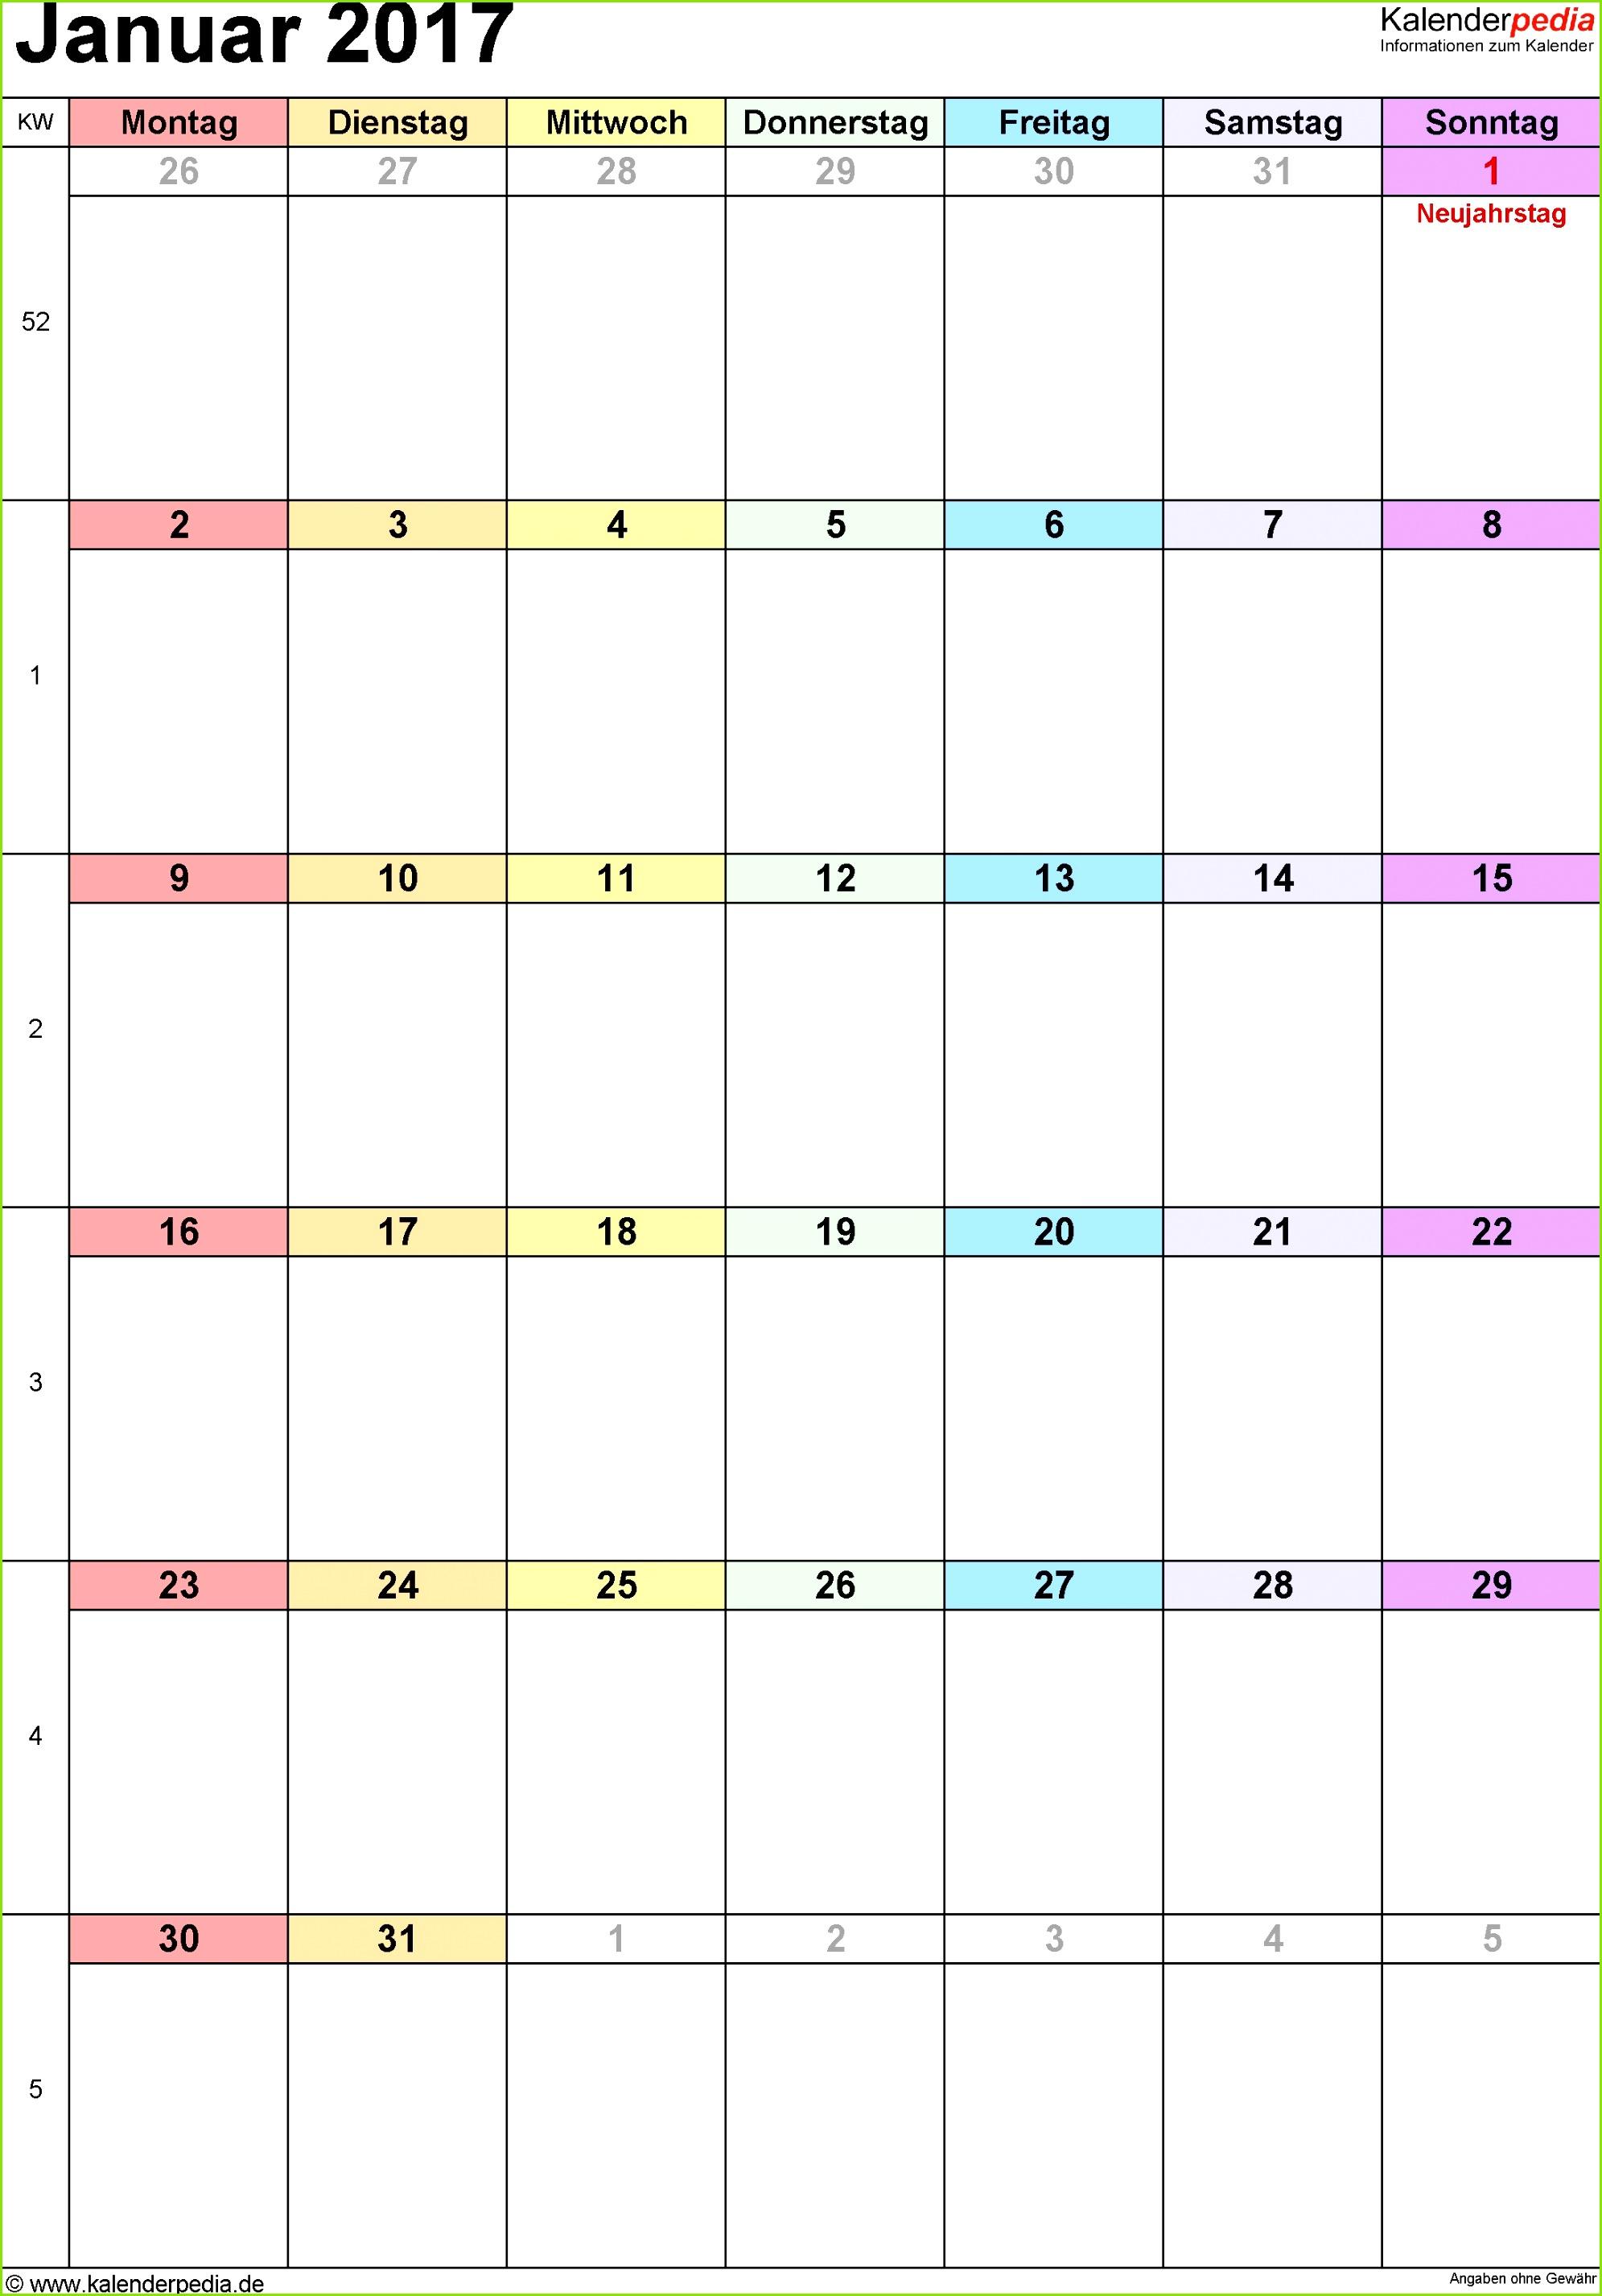 Kalender Ohne Wochentage Luxus Gemütlich Wochenkalender Word Vorlage mit Kalender Ohne Wochentage